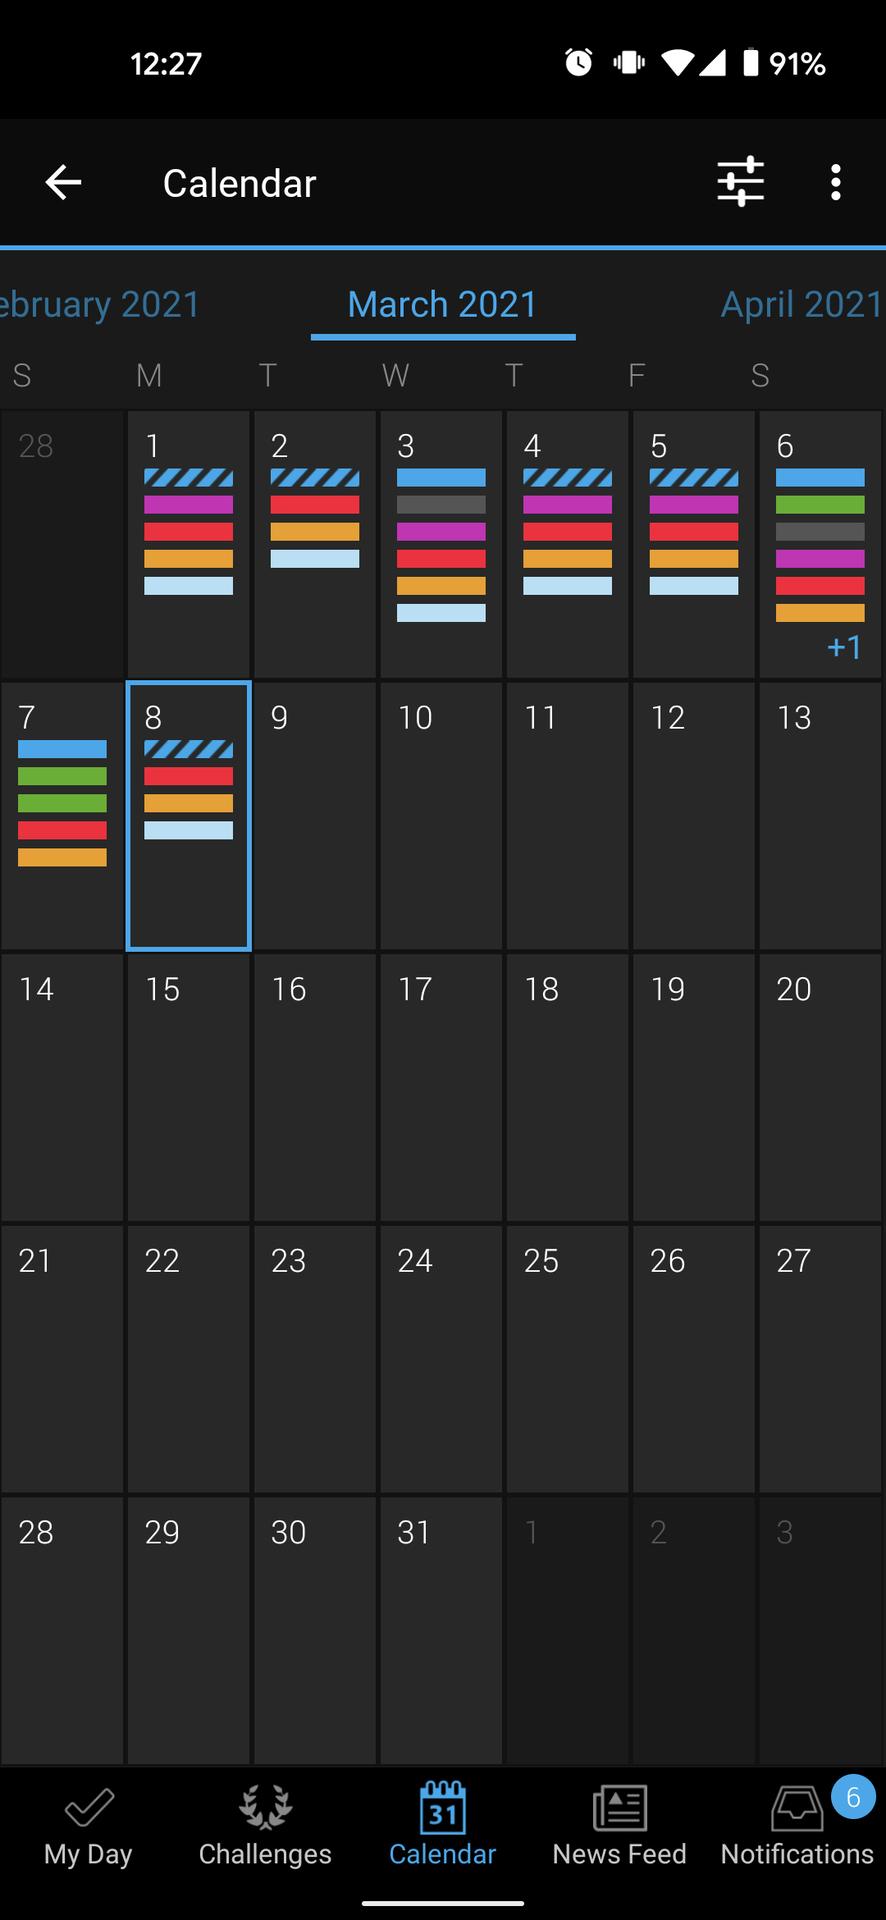 garmin connect calendar view